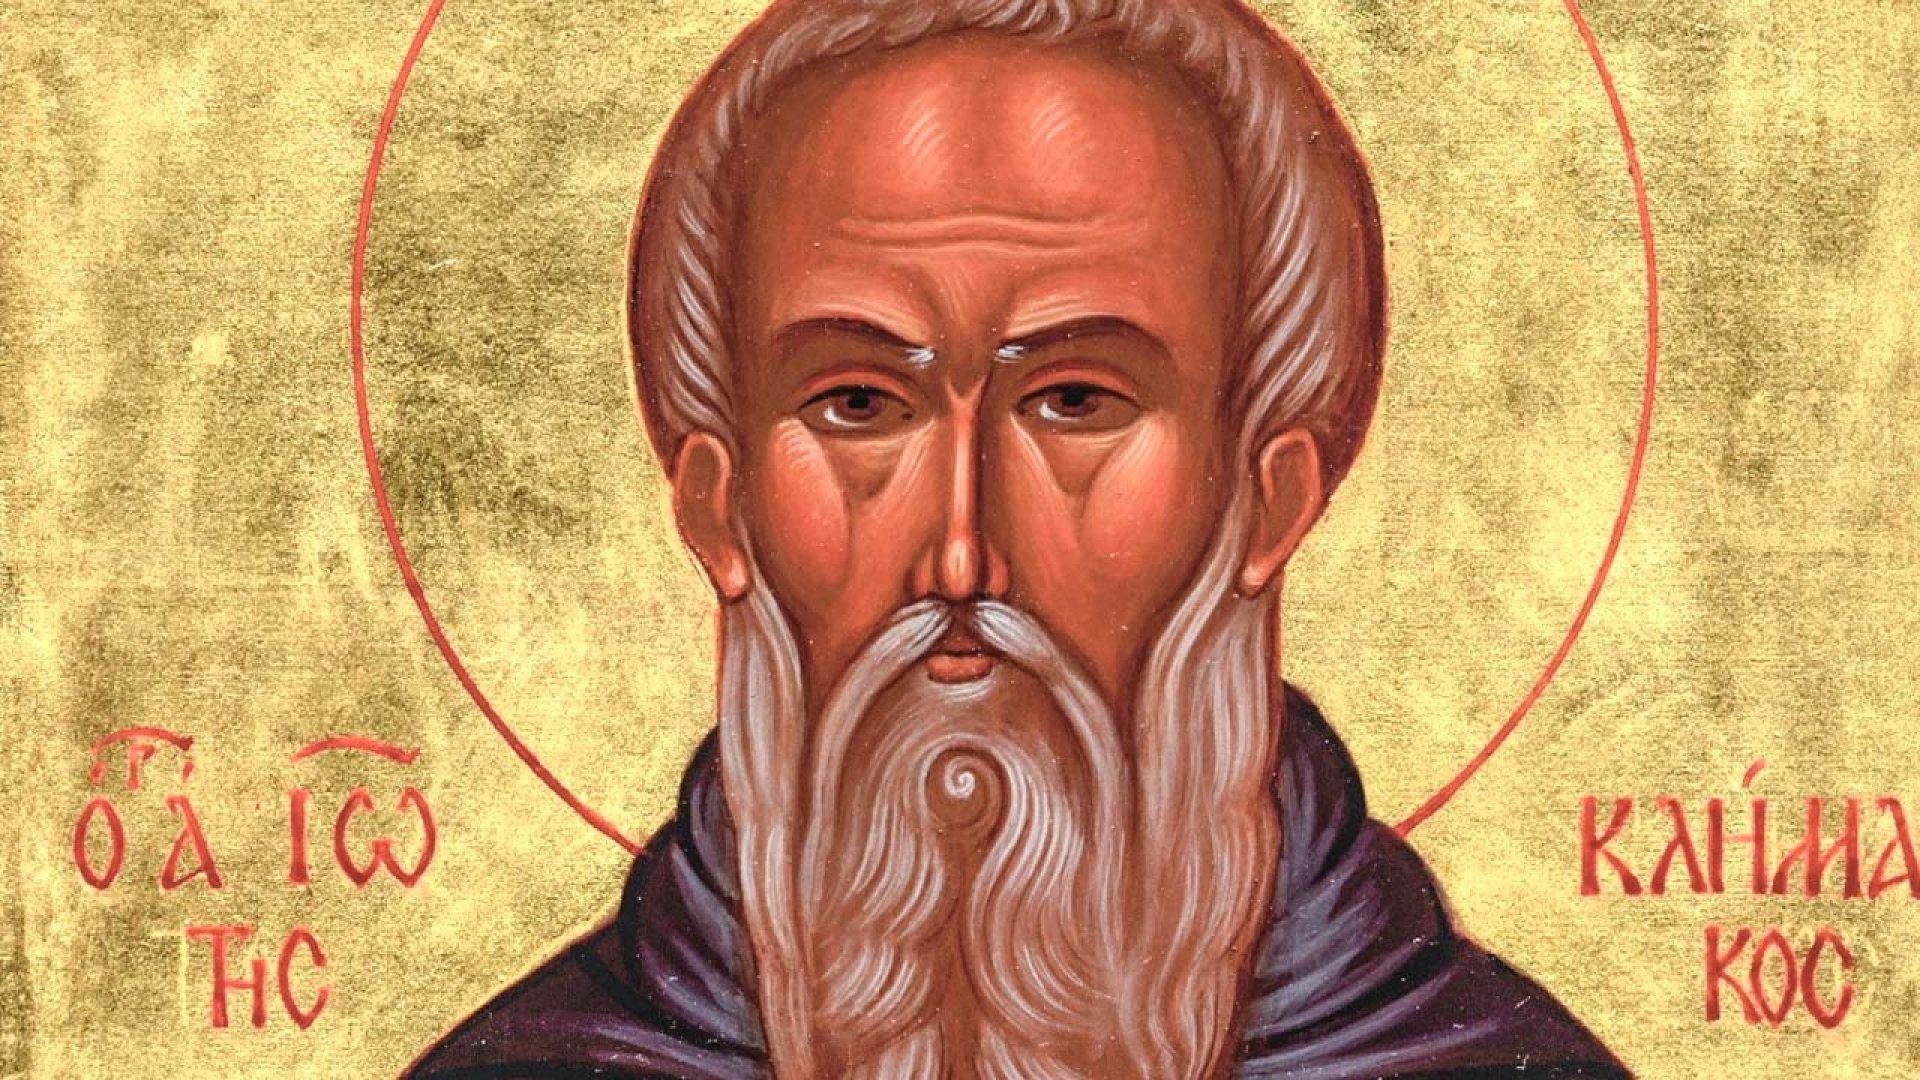 Преподобни Георги още от малък възлюбил Христа и приел монашеско пострижение